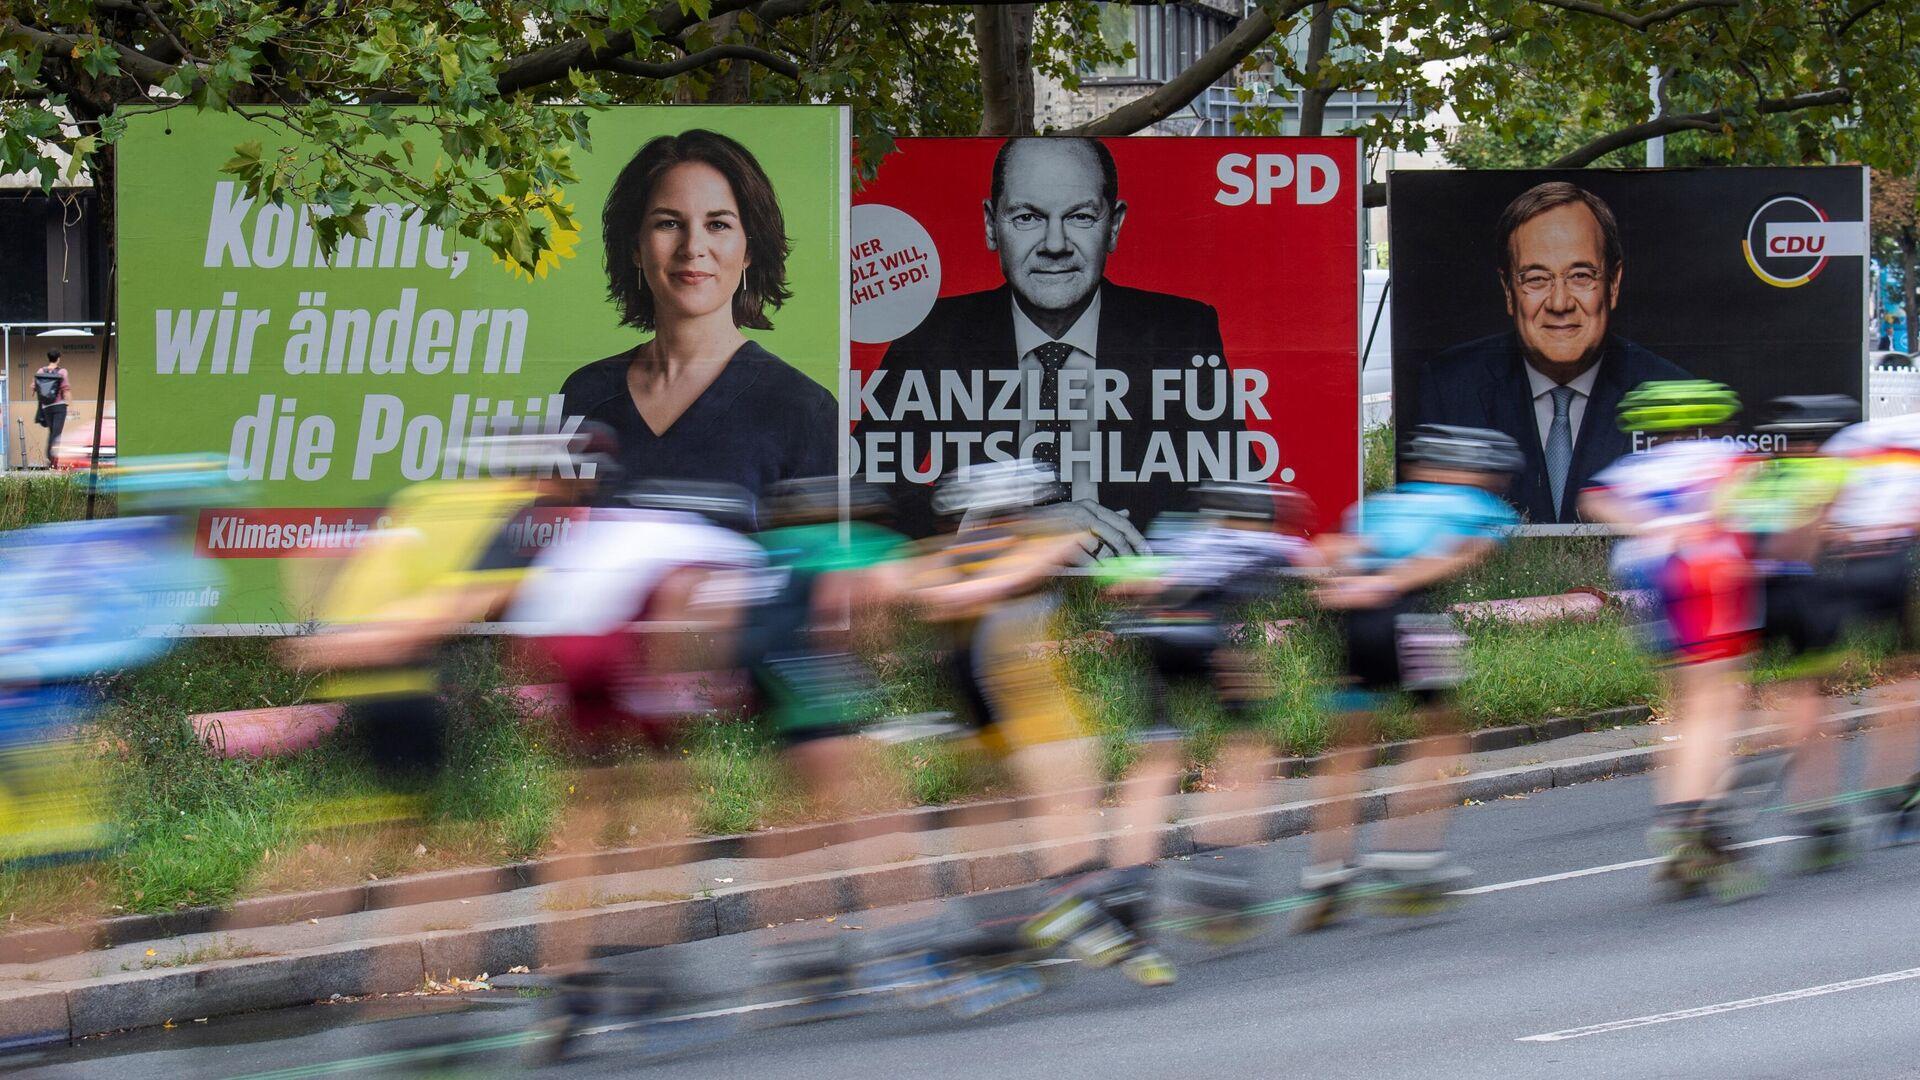 Плакаты с изображением кандидатов в канцлеры Германии на одной из улиц в Берлине - РИА Новости, 1920, 26.09.2021